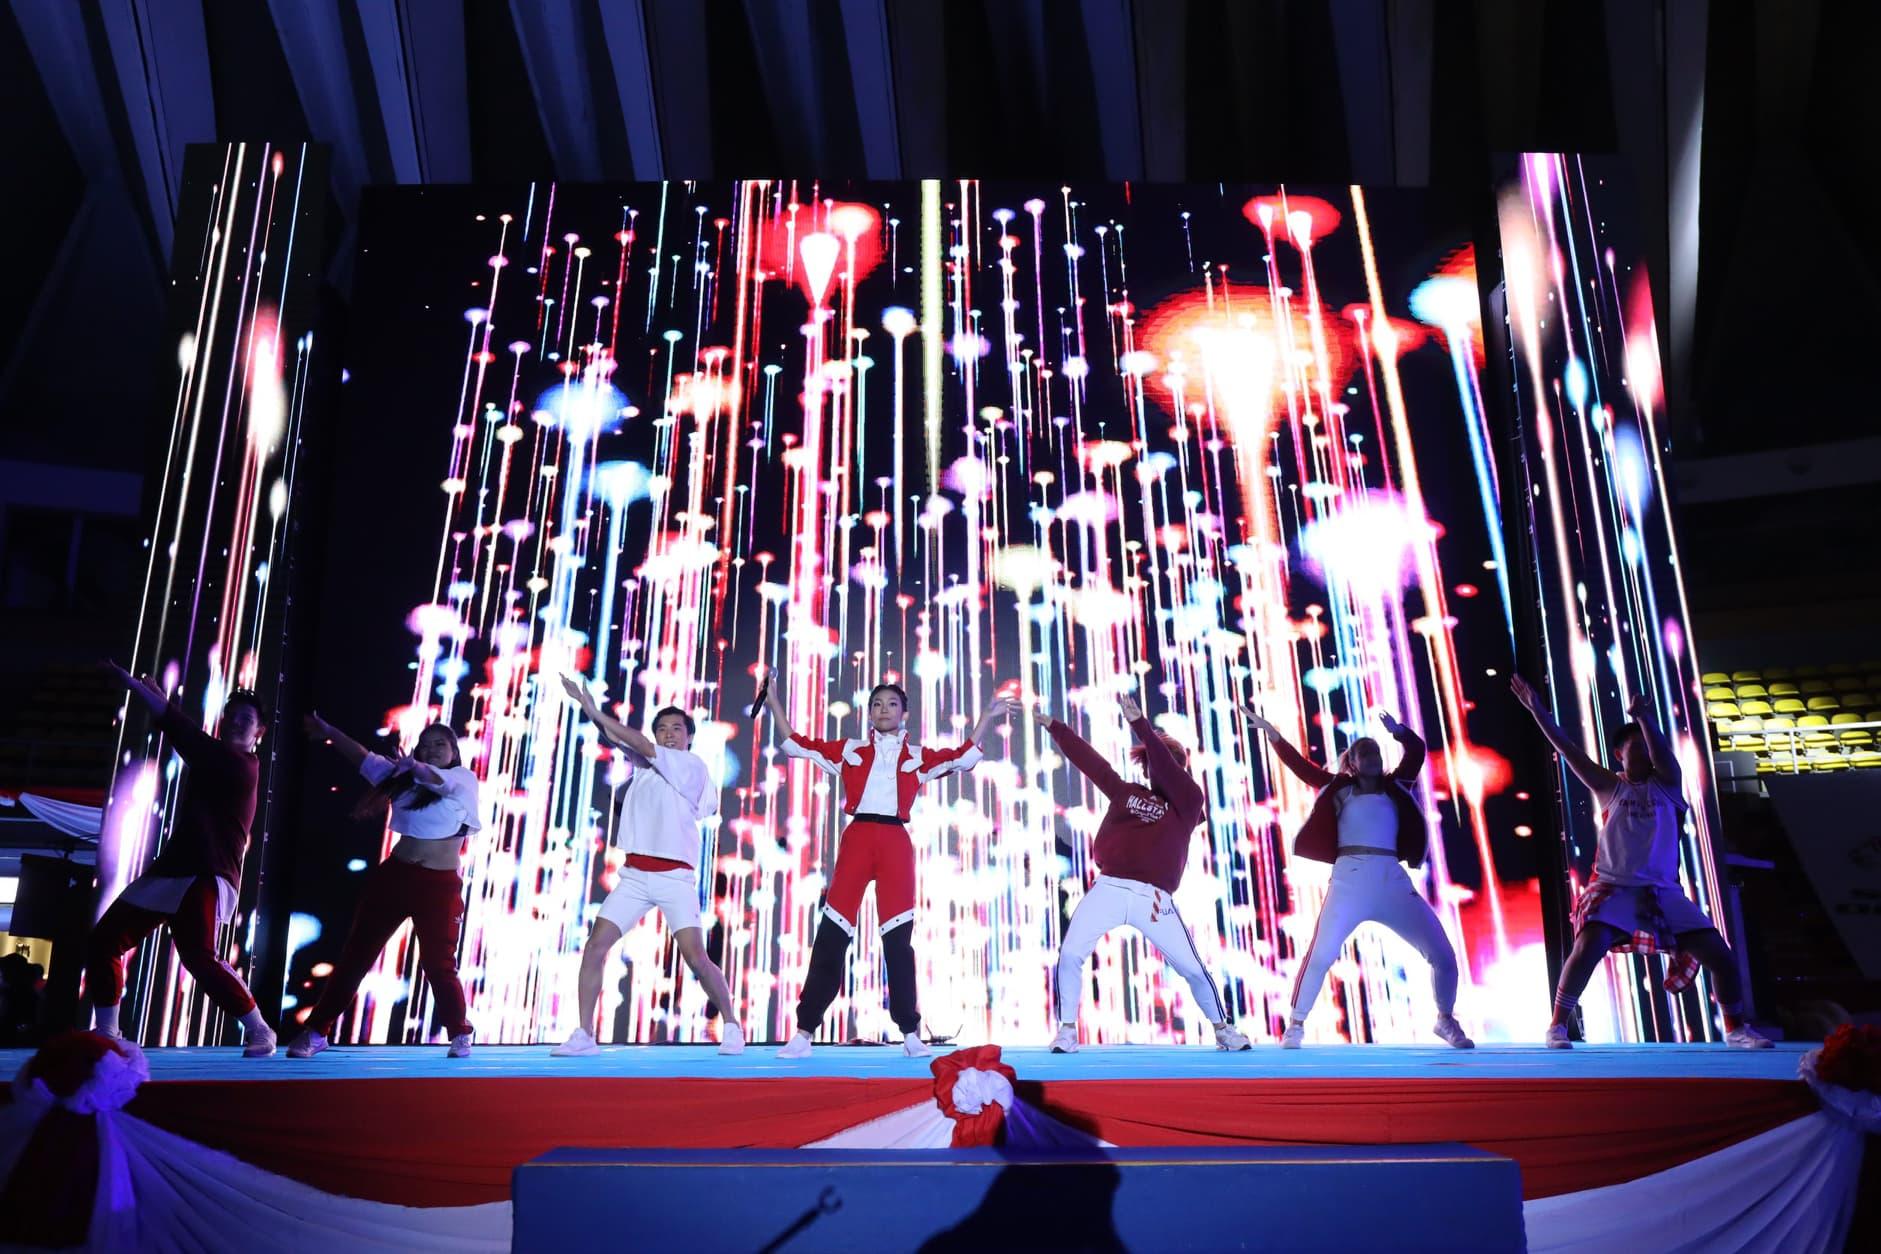 เปิดยิ่งใหญ่ สเปเชียลโอลิมปิคแบดมินตันครั้งแรกในเอเซียฯ